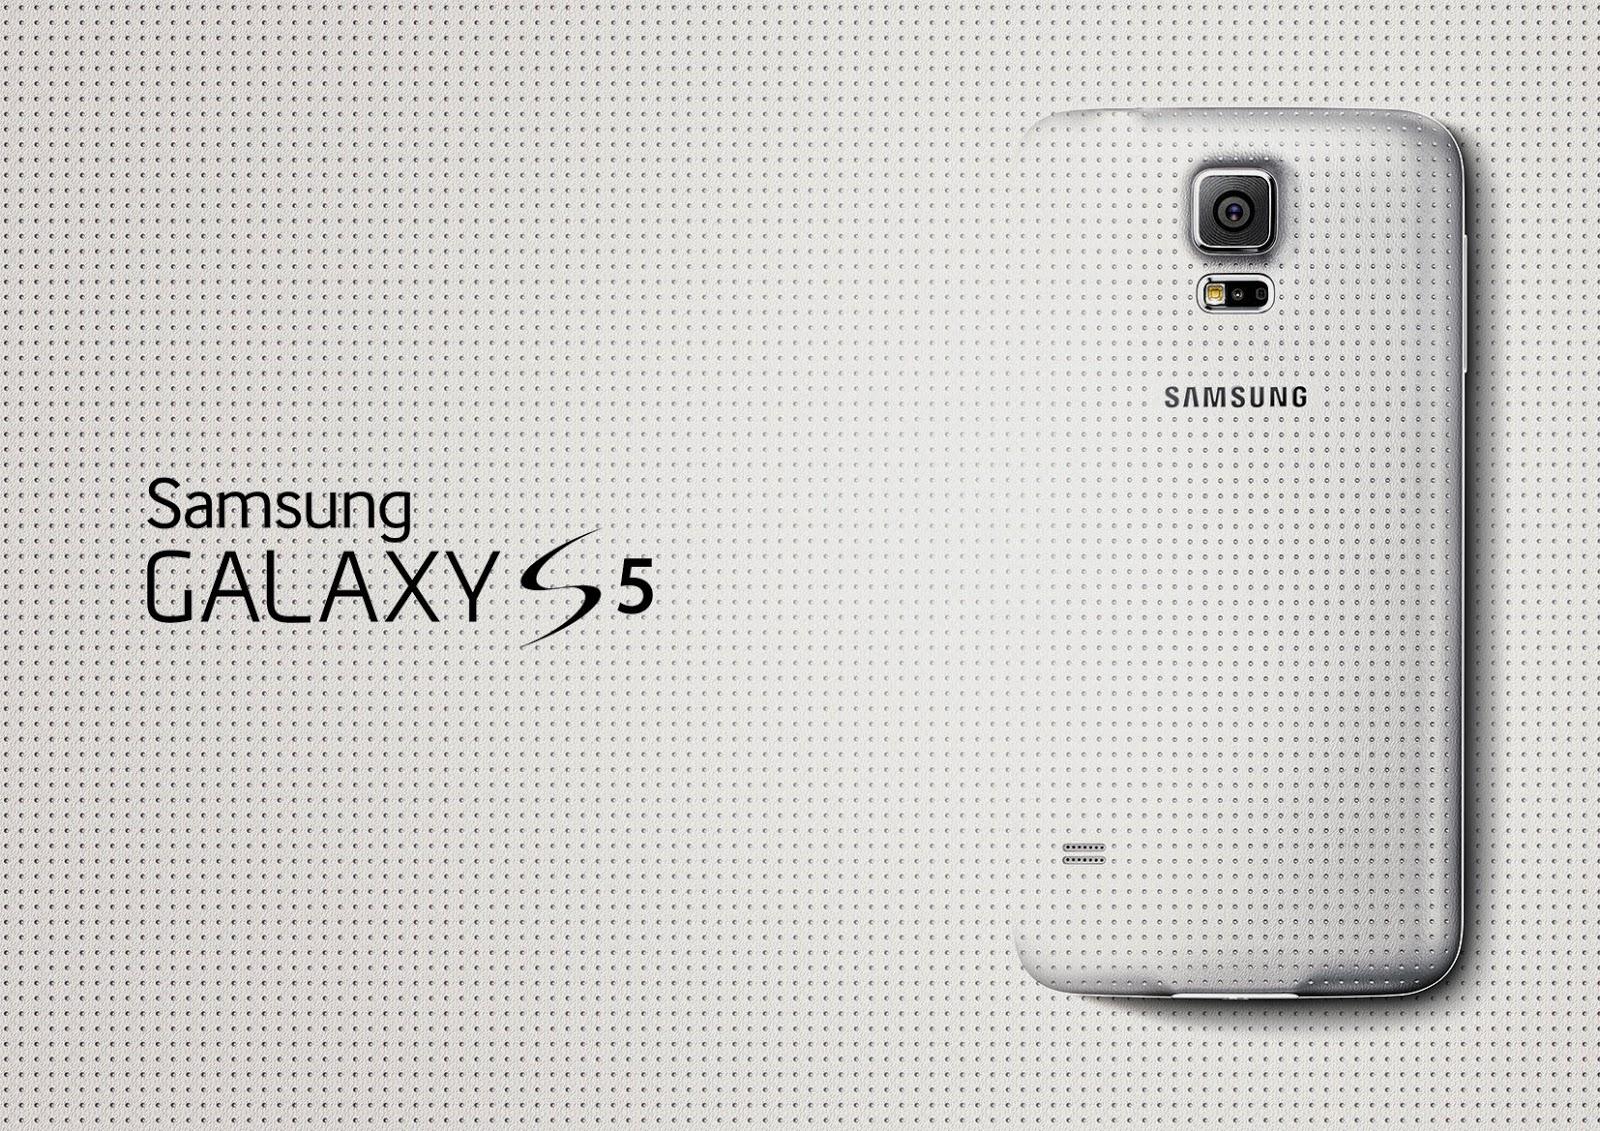 Come collegare Samsung Galaxy S5 all'auto via Bluetooth per usare modalità automobile